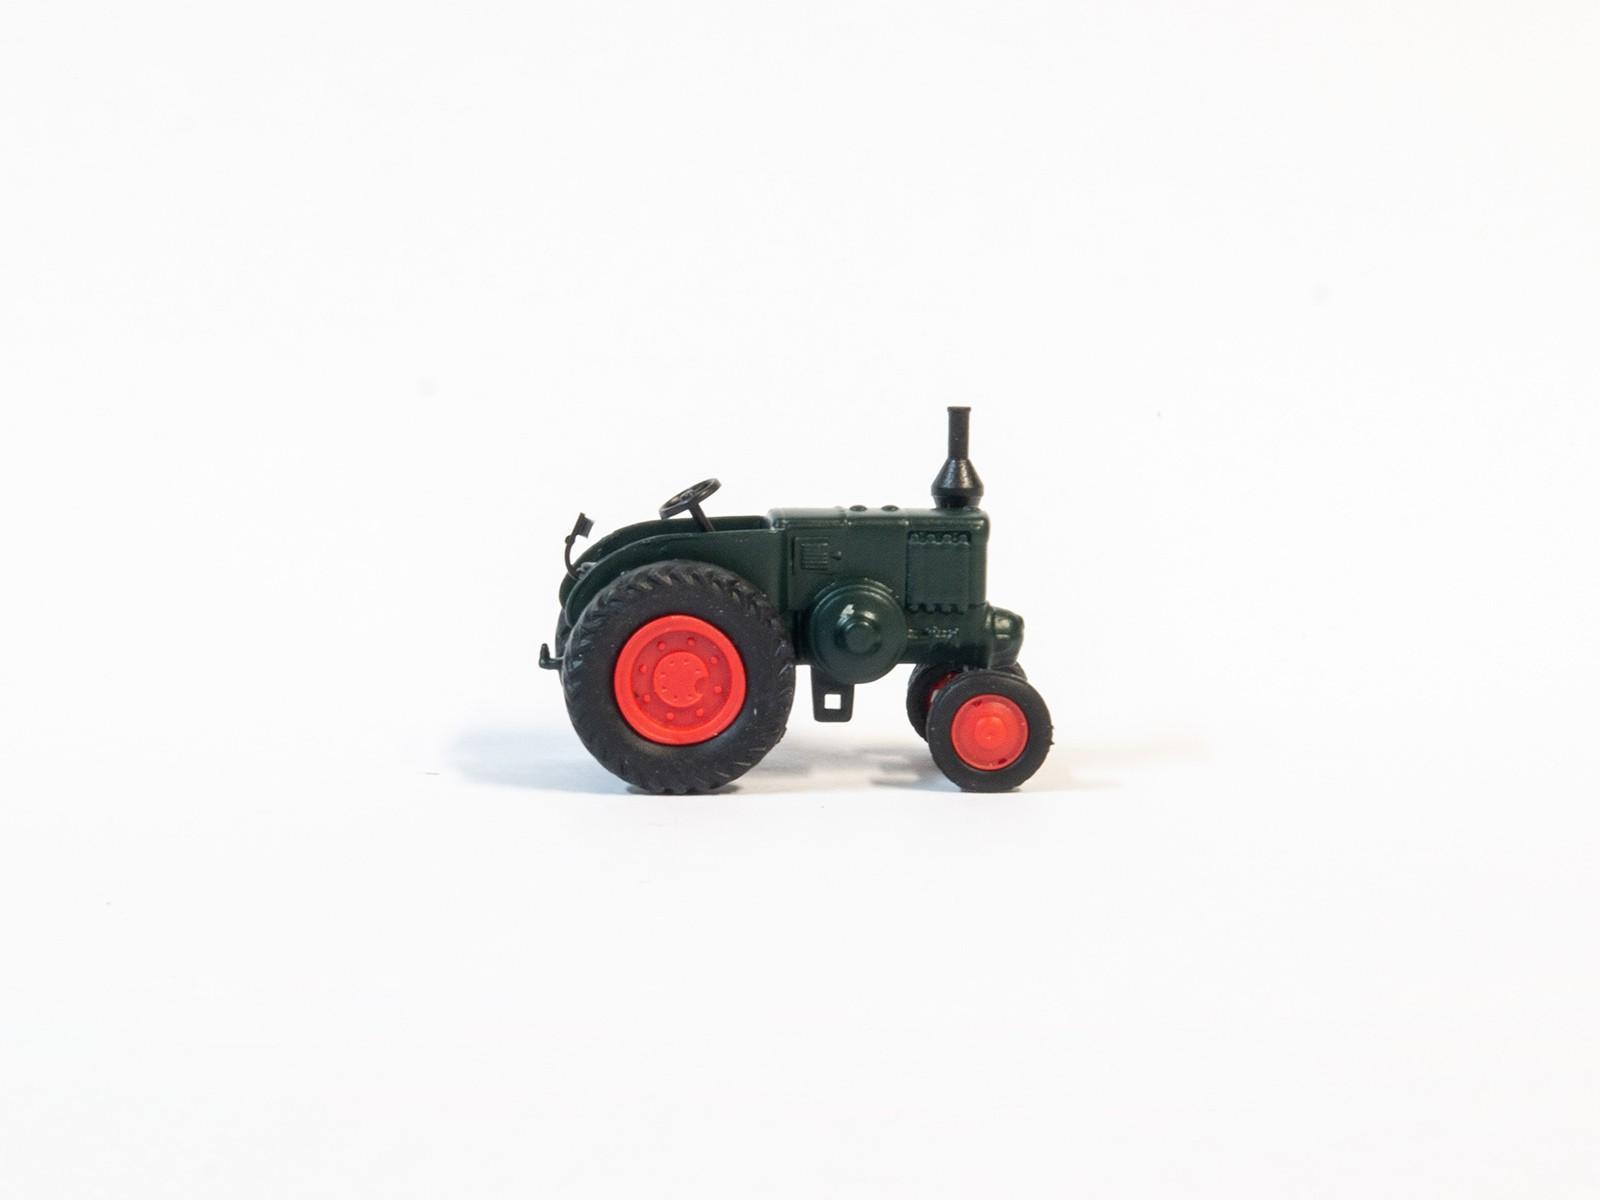 Schuco 26296 H0 Ursus C-45 Traktor dunkelgrün